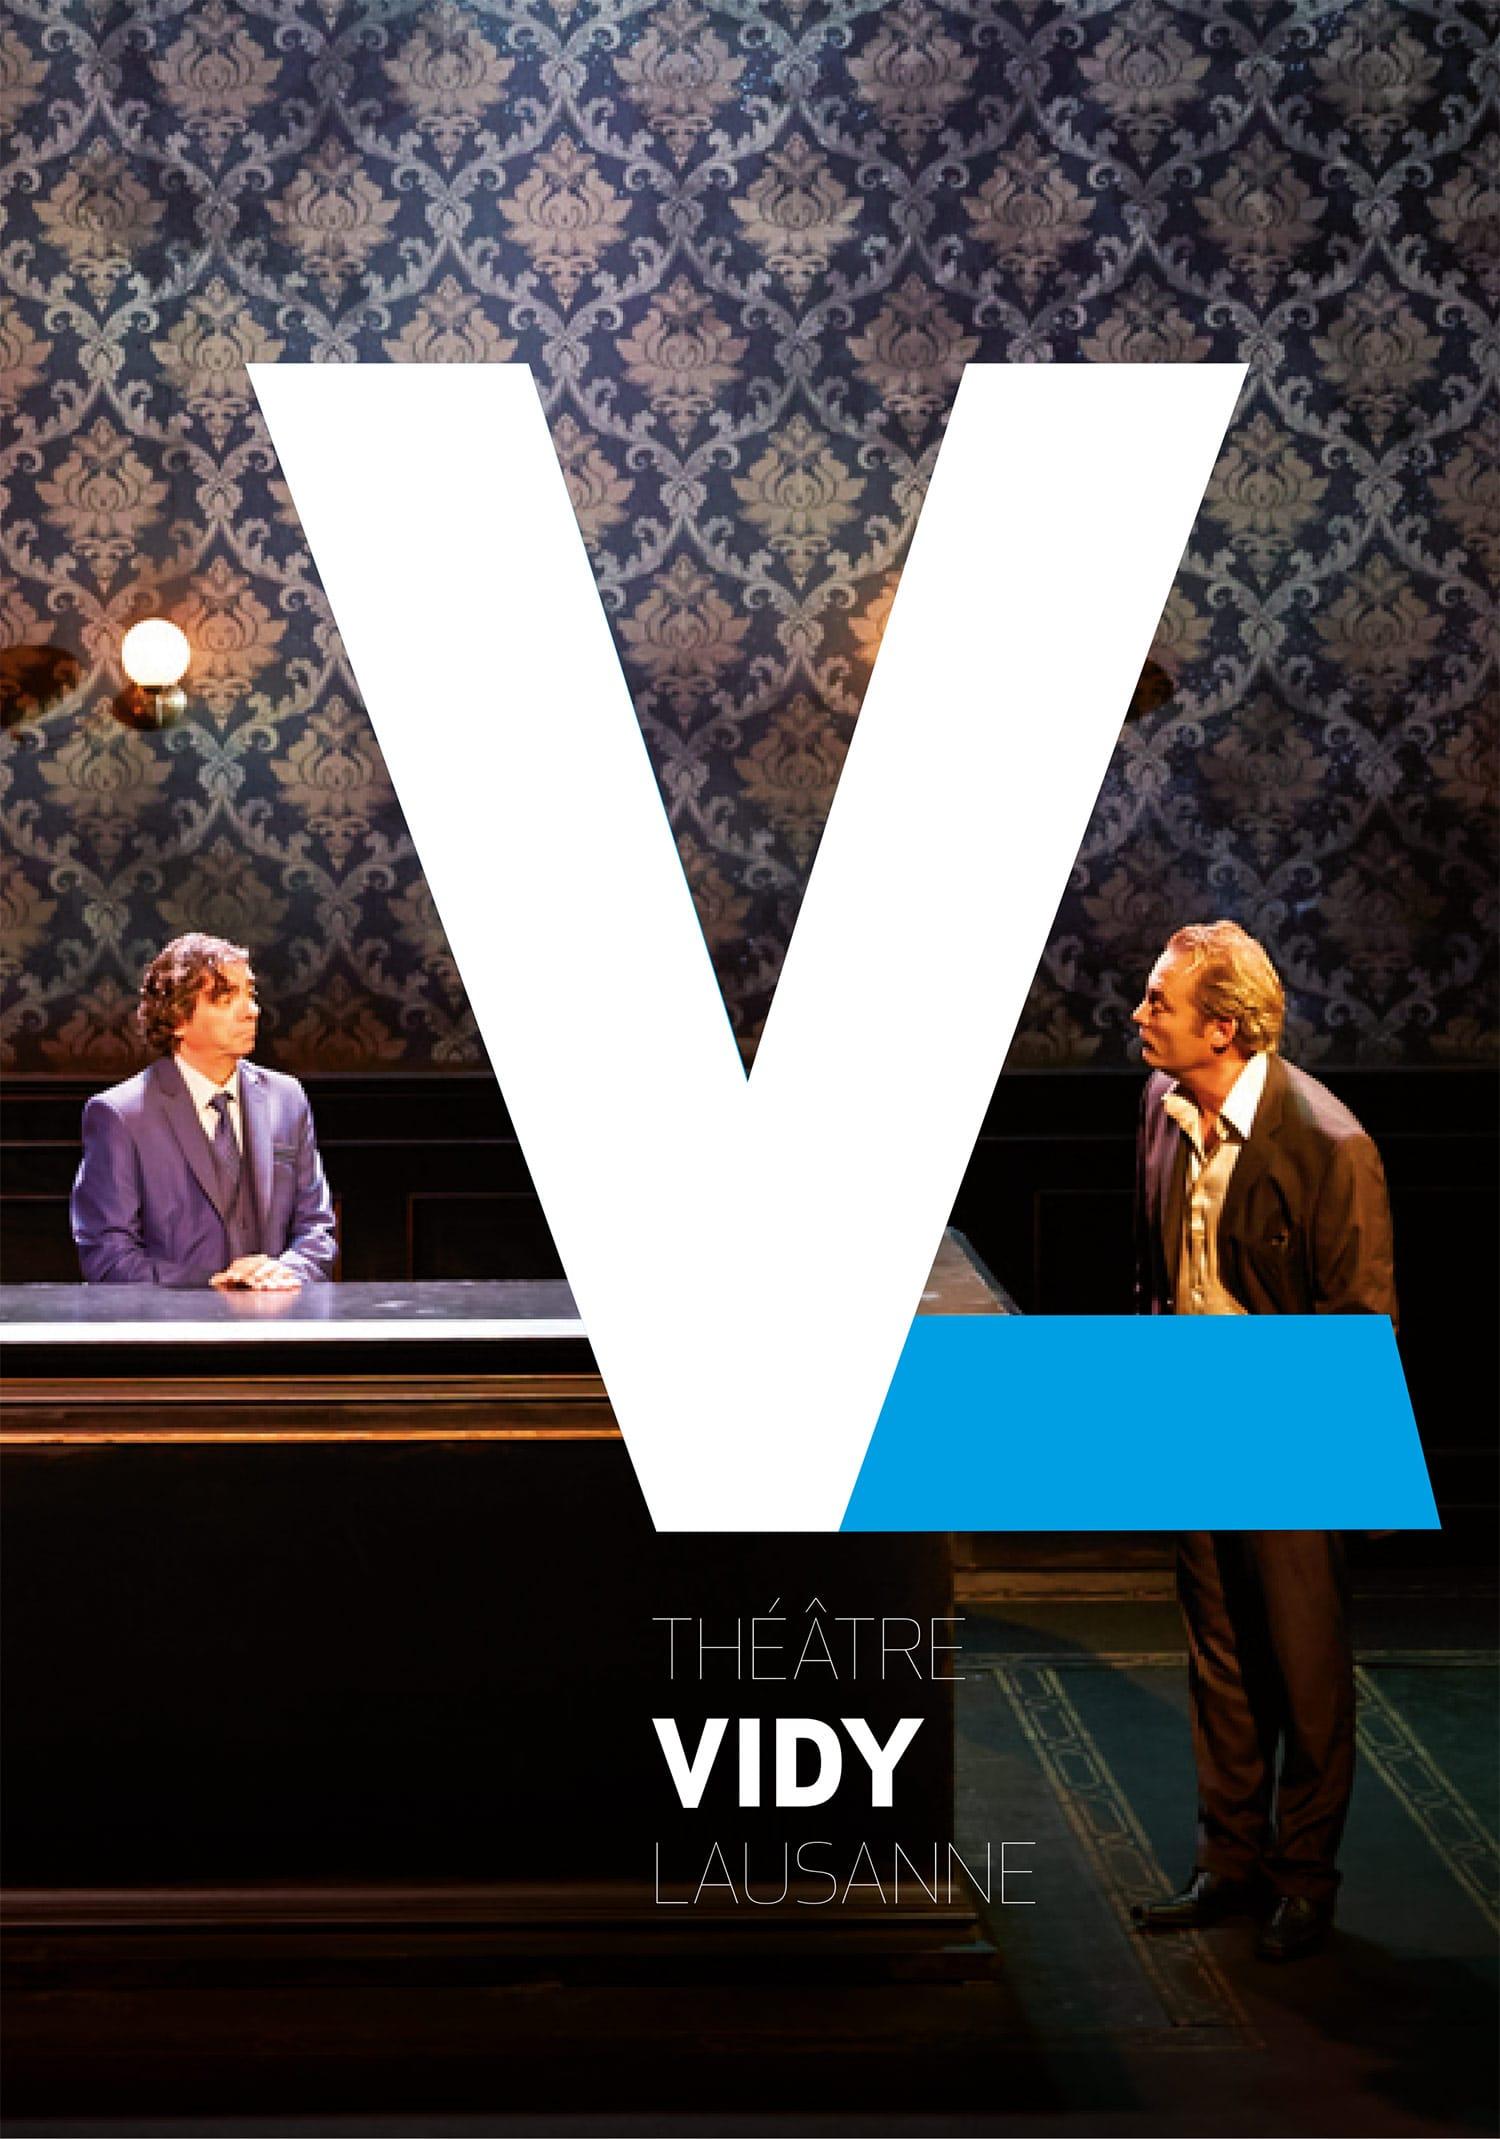 Théâtre de Vidy Concours nouvelle identité graphique 2e place - Affiche - Haymoz design